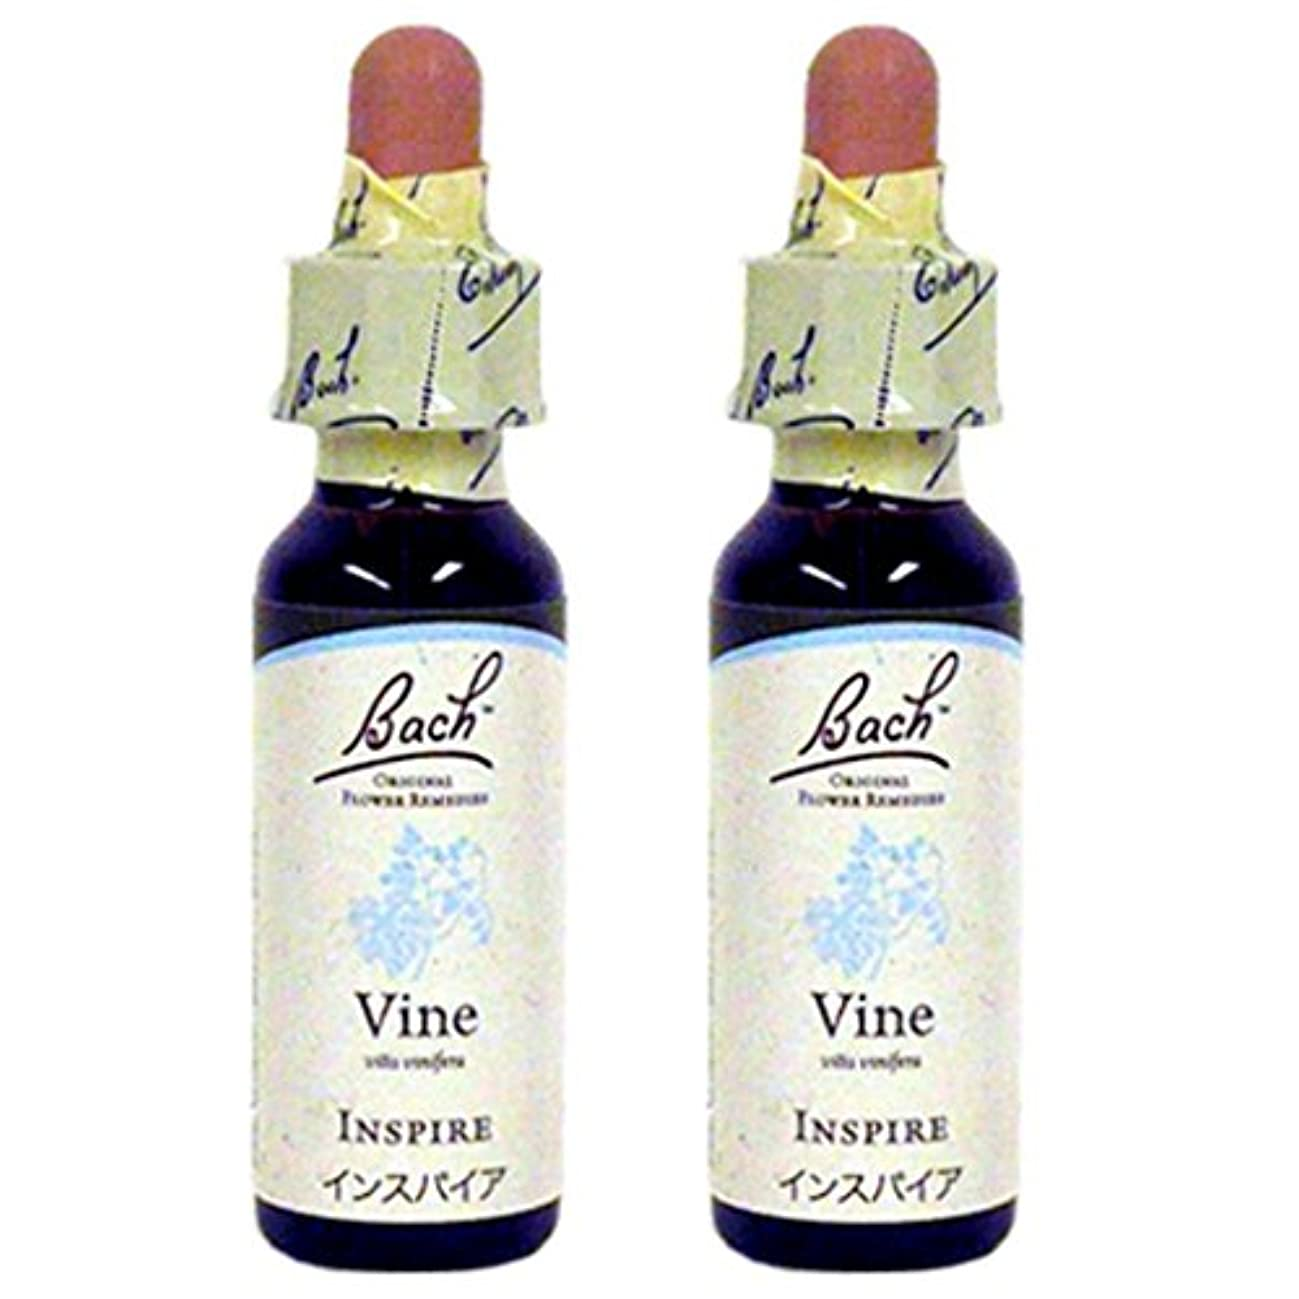 気になる効果ウサギバッチフラワー バイン 10ml グリセリン 2本セット